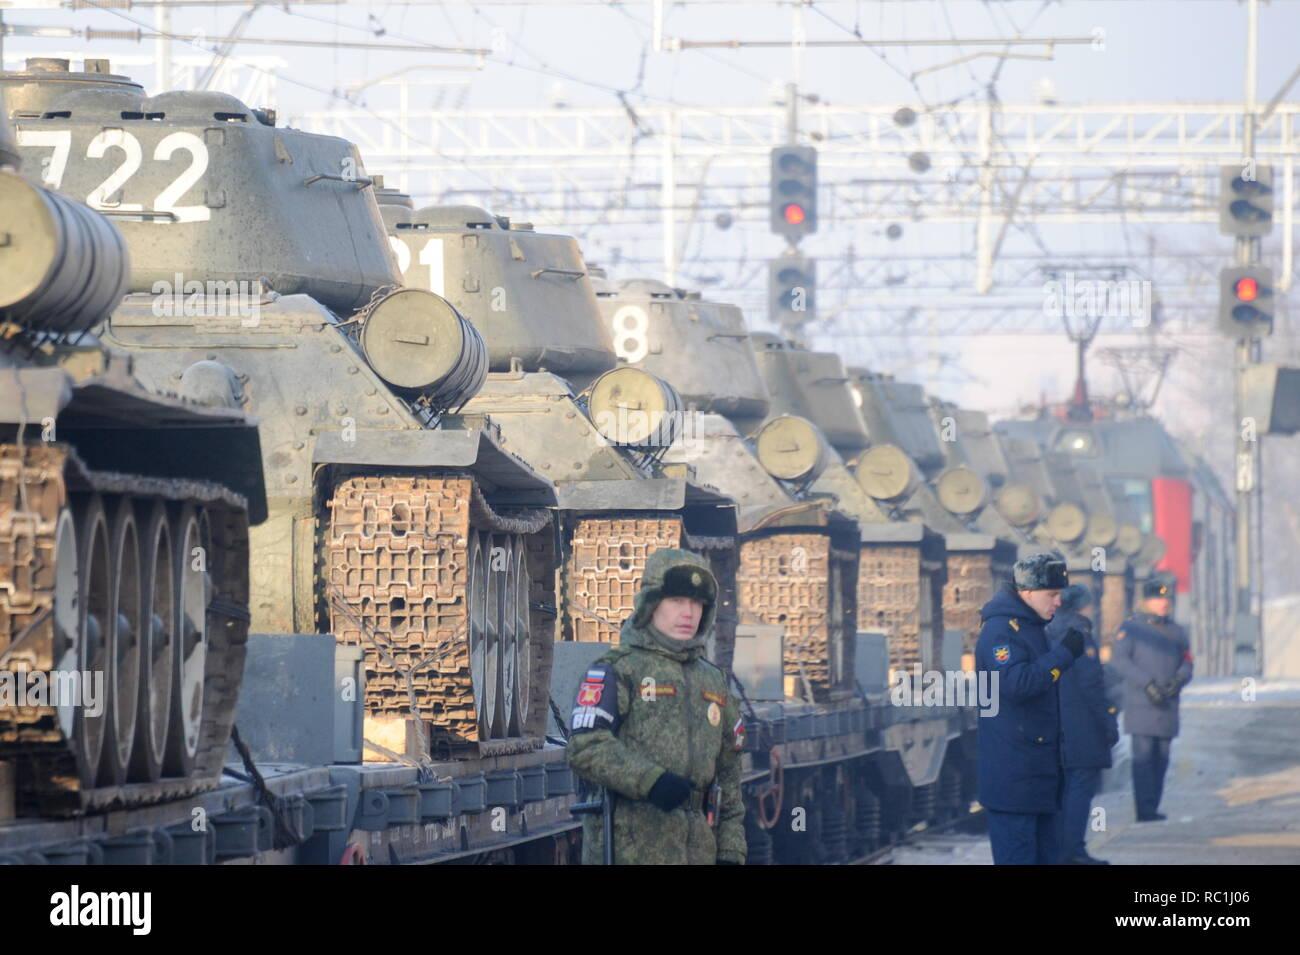 Chita, Russia  13th Jan, 2019  CHITA, RUSSIA - JANUARY 13, 2019